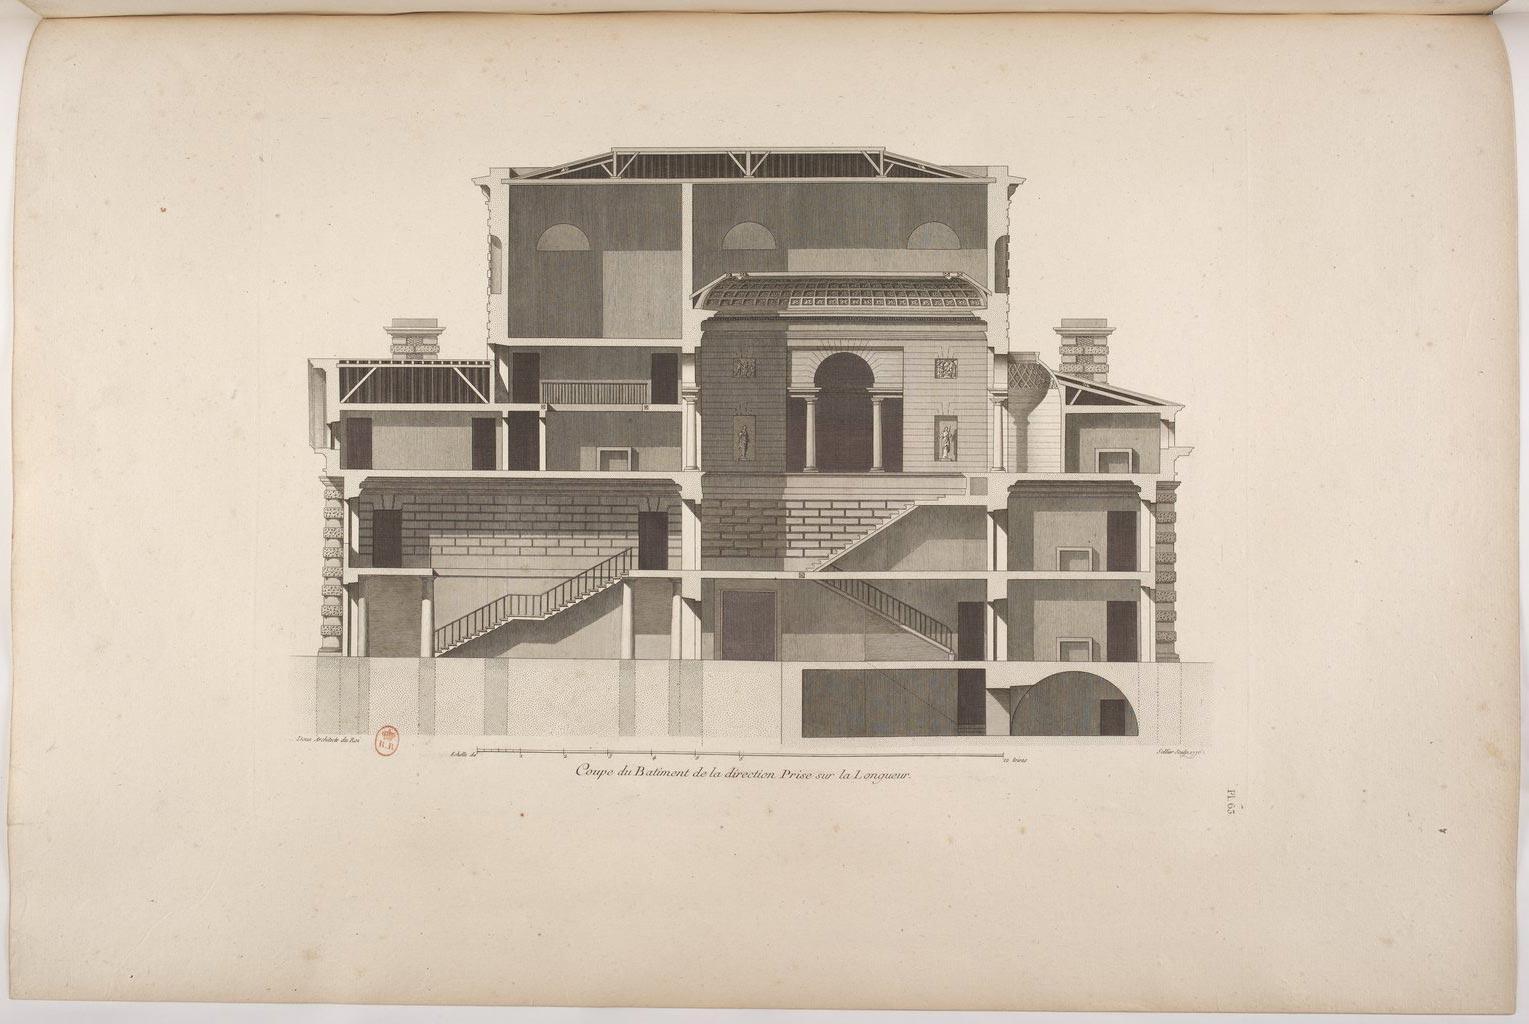 ledoux-claude-architecture-365